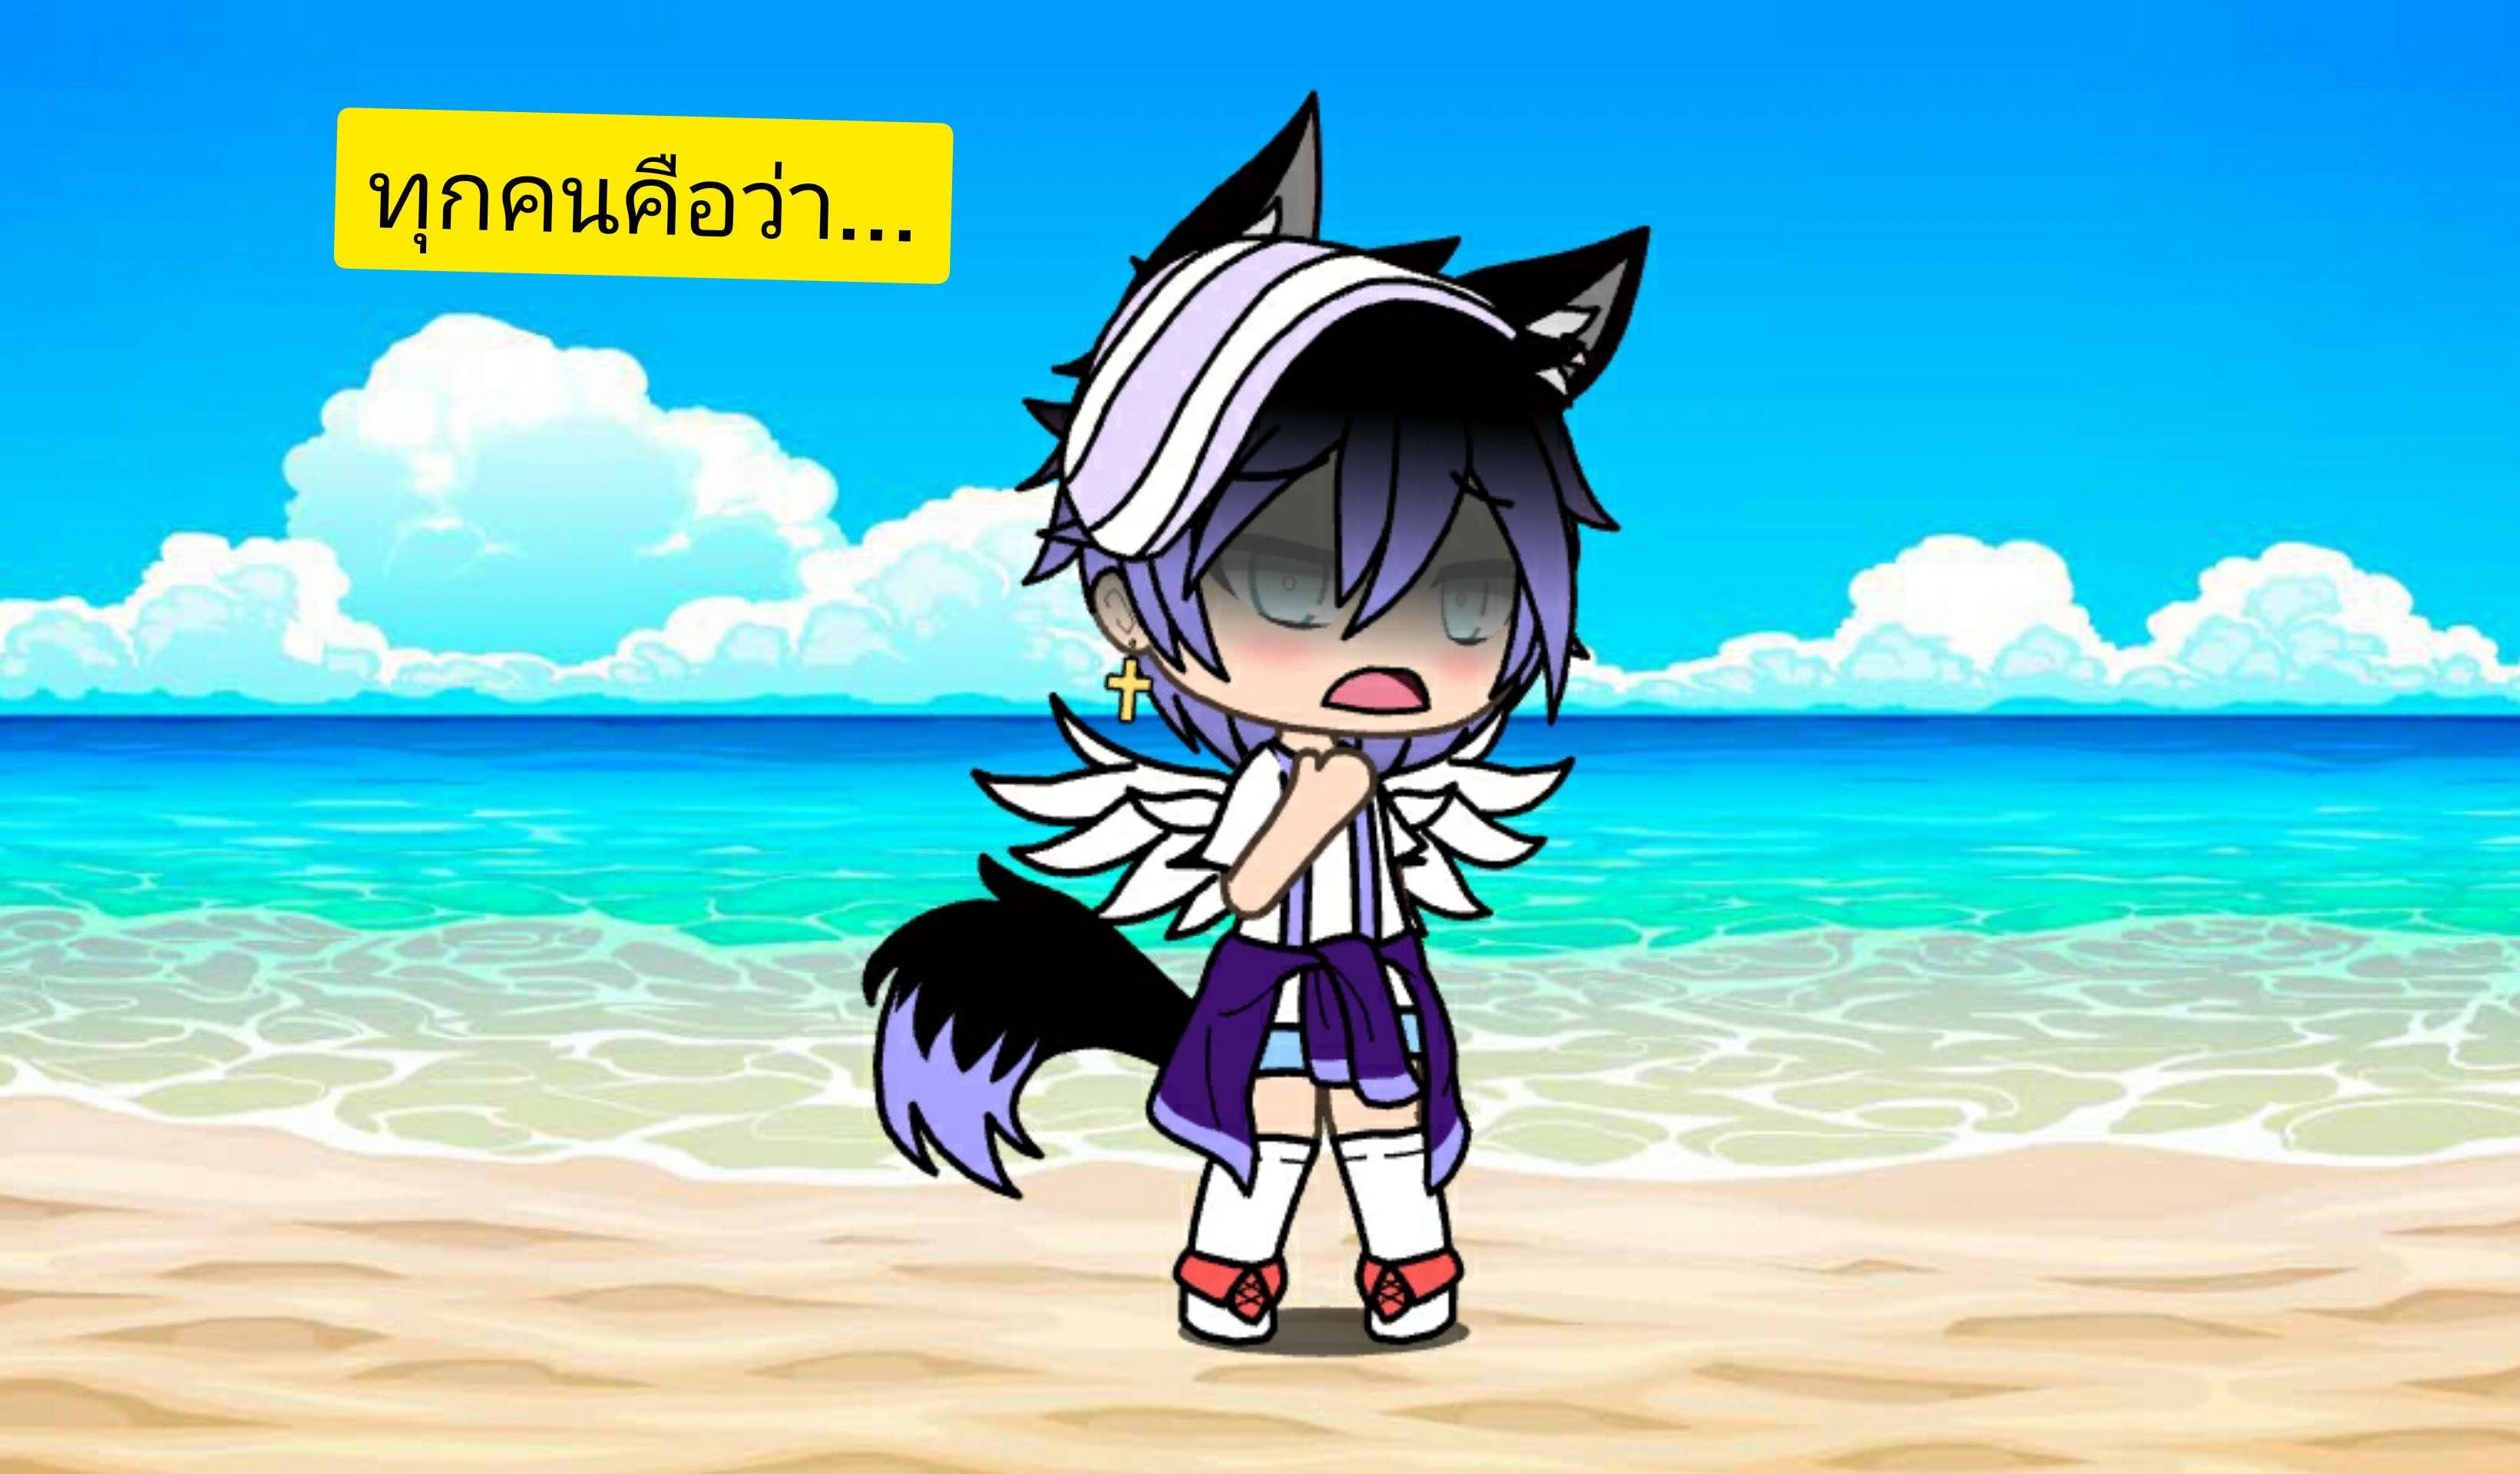 ปลากาดดด - ขอโทษ...